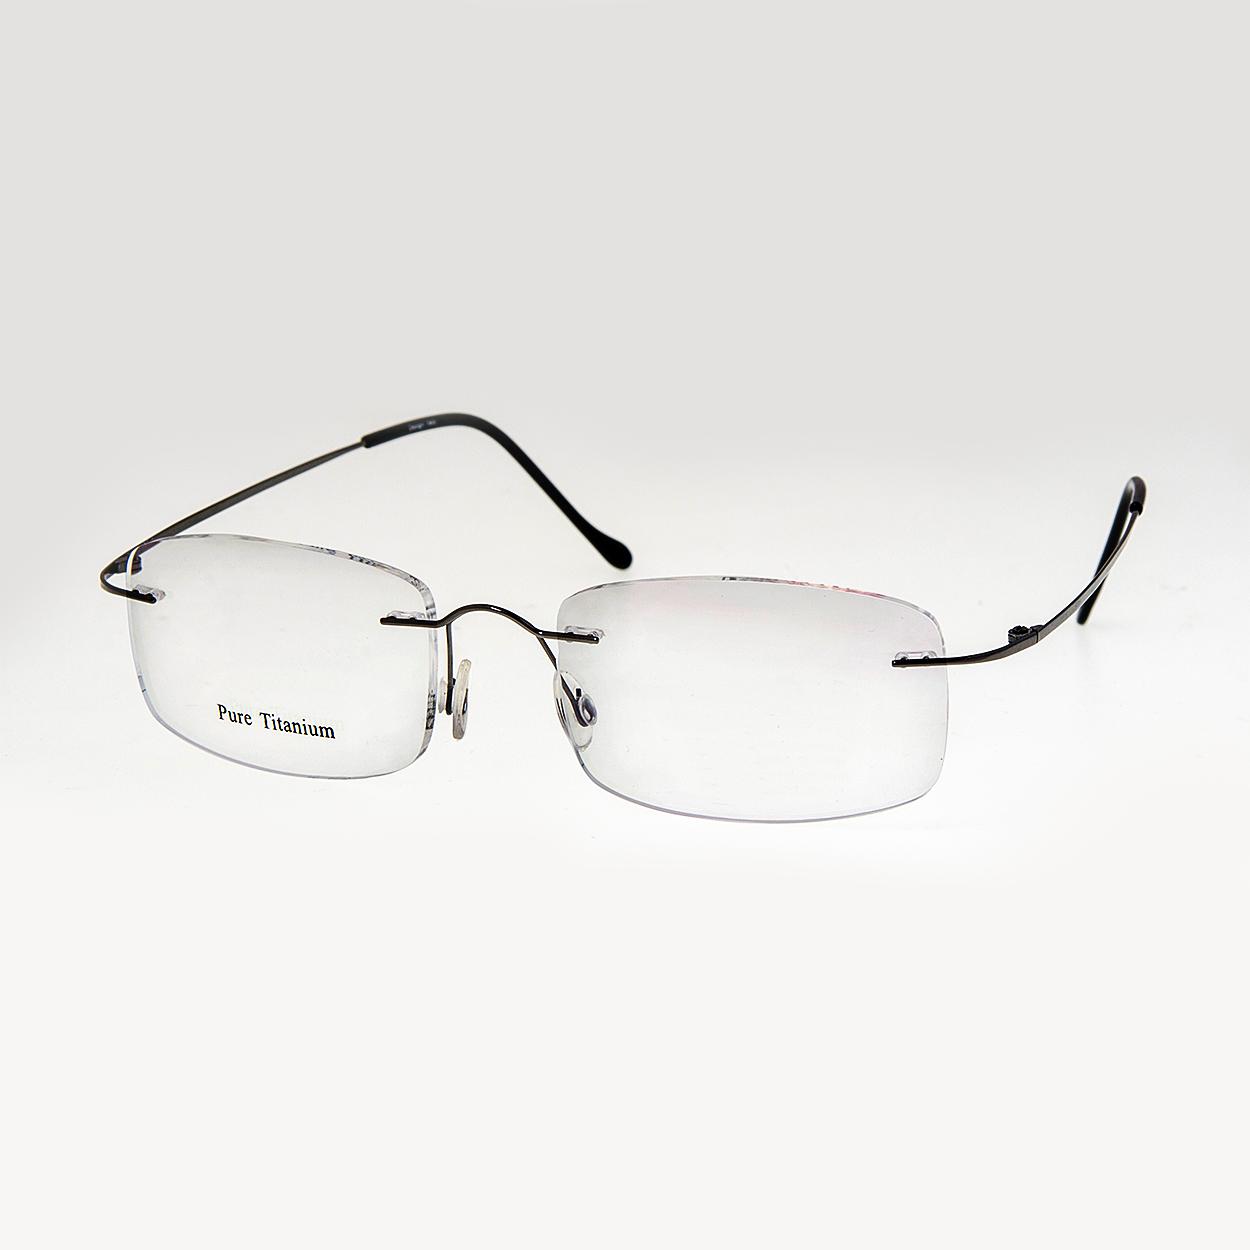 Eyeglasses Frames Repair : Titanium Eyewear Repair Titanium Frame Repairs